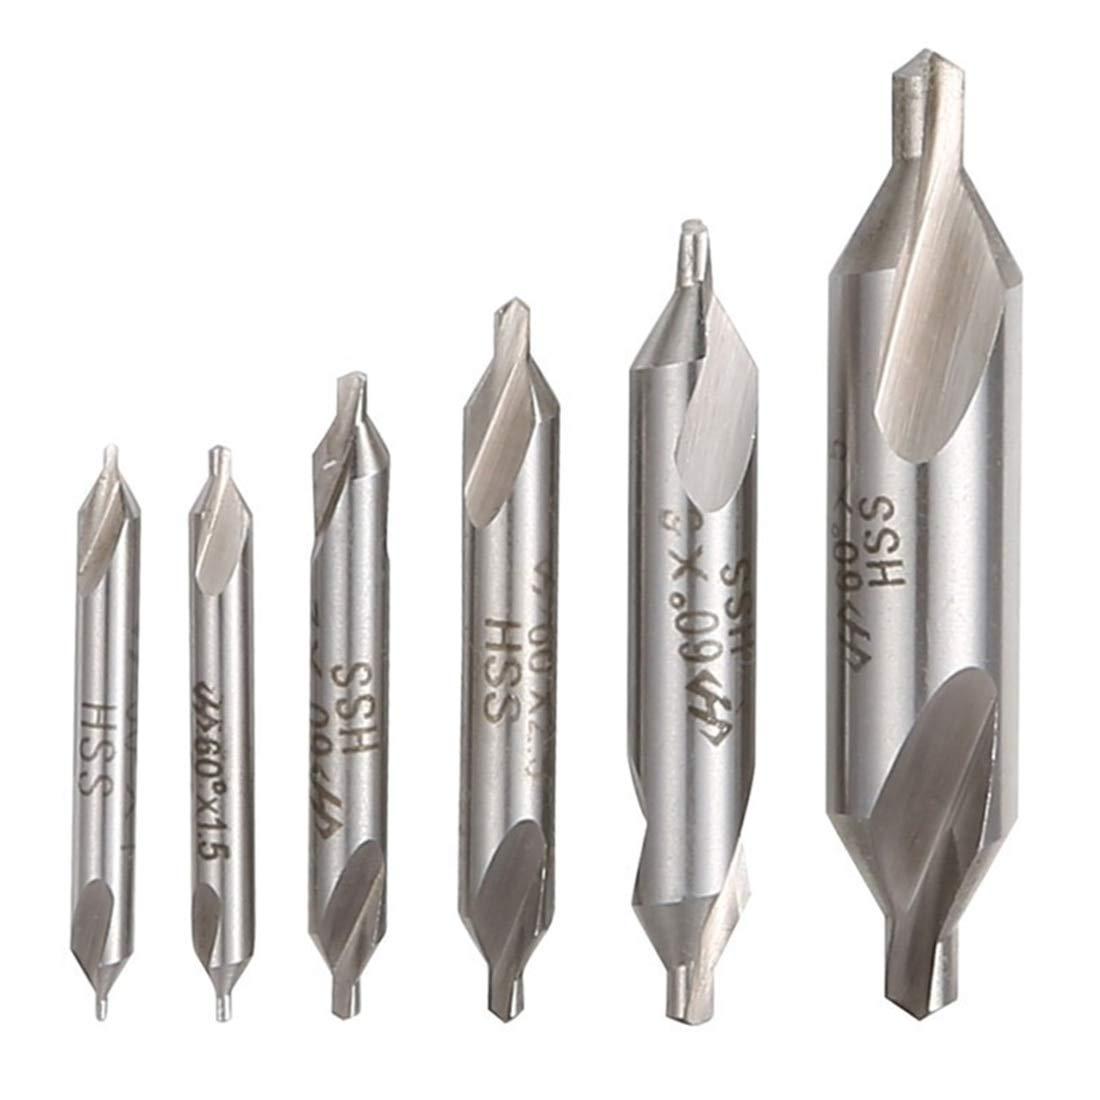 5mm HSS 3mm 2mm Les forets /à centrer combin/és peu 60 foret de fraise conique pour les outils /électroportatifs 1pc 1mm